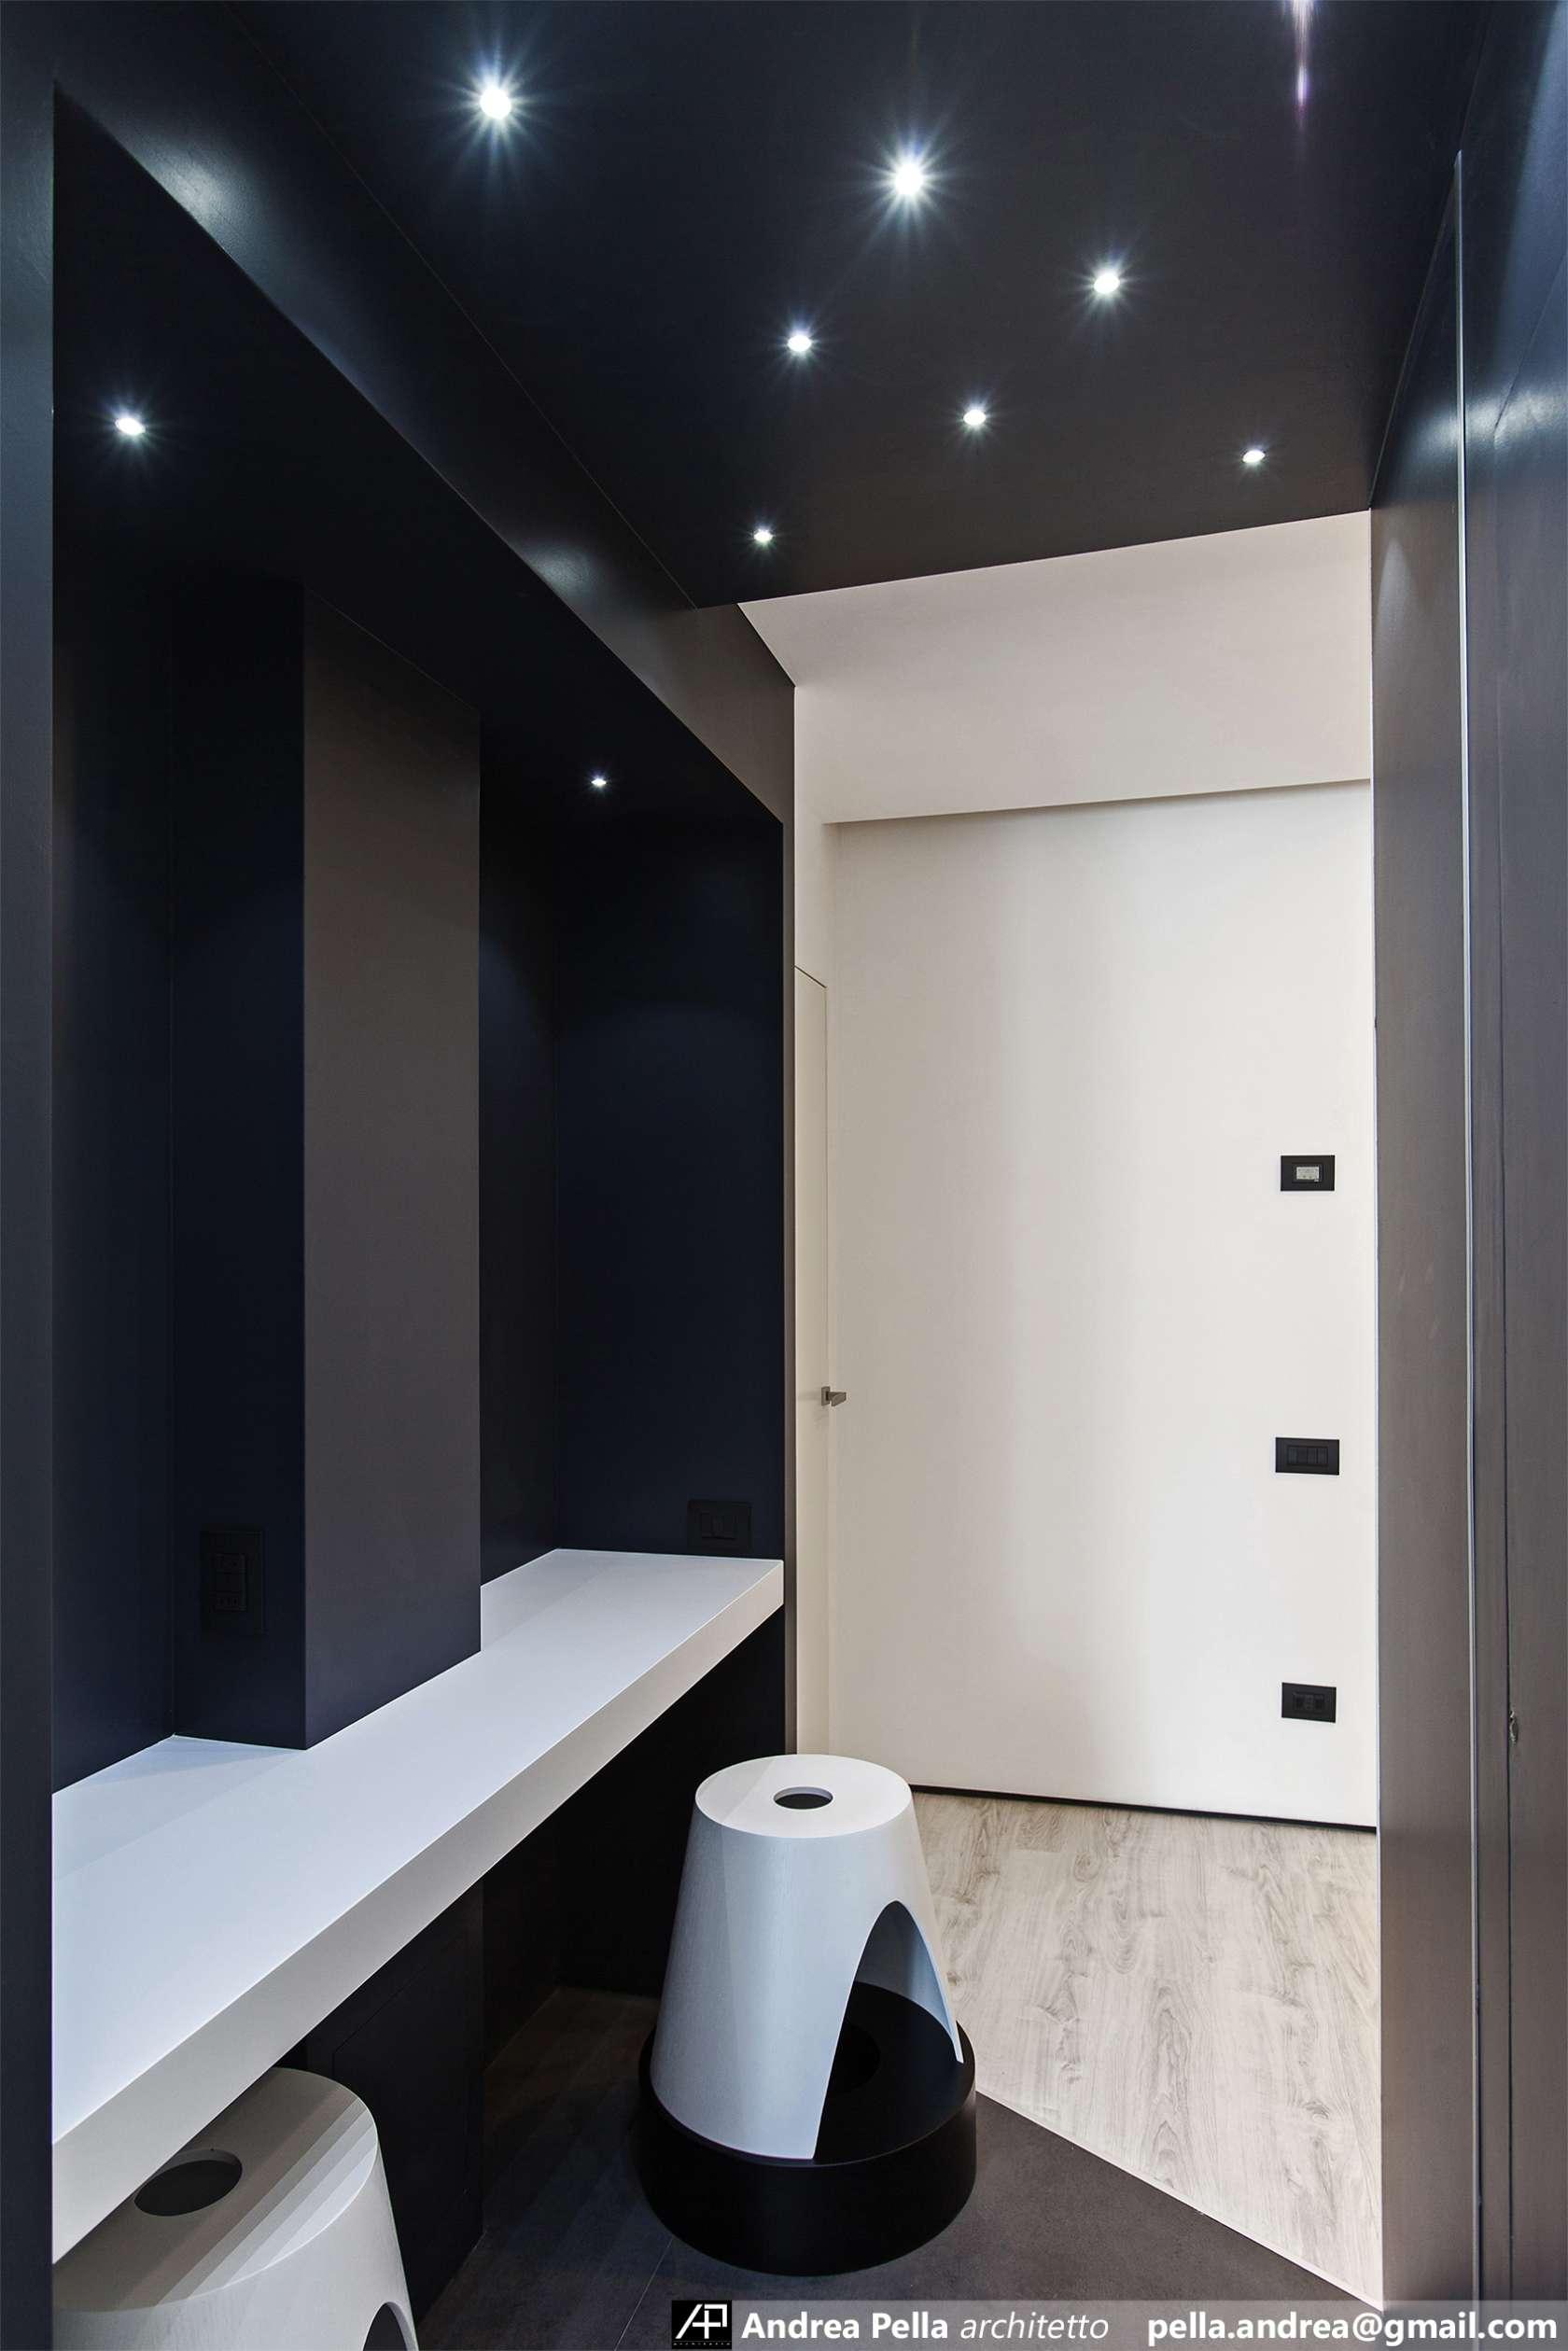 малък апартамент в минималистичен стил - 8